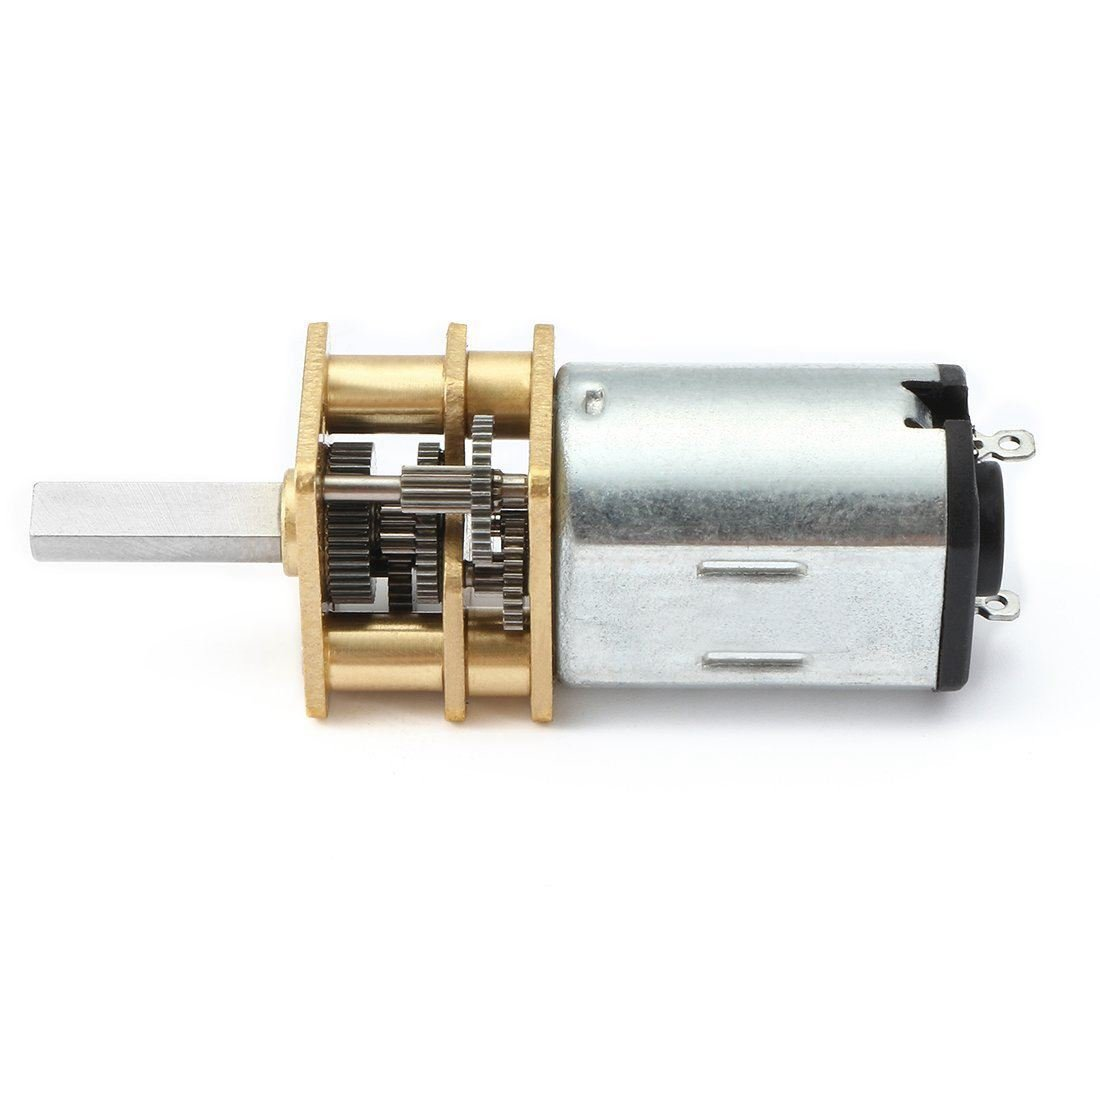 TOOGOO CC 6V 150 tr//min Moteur de reduction de micro-vitesse Mini moteur de boite dengrenage avec 2 broches pour bricolage Jouet de moteur de modele de voiture de robot a telecommande